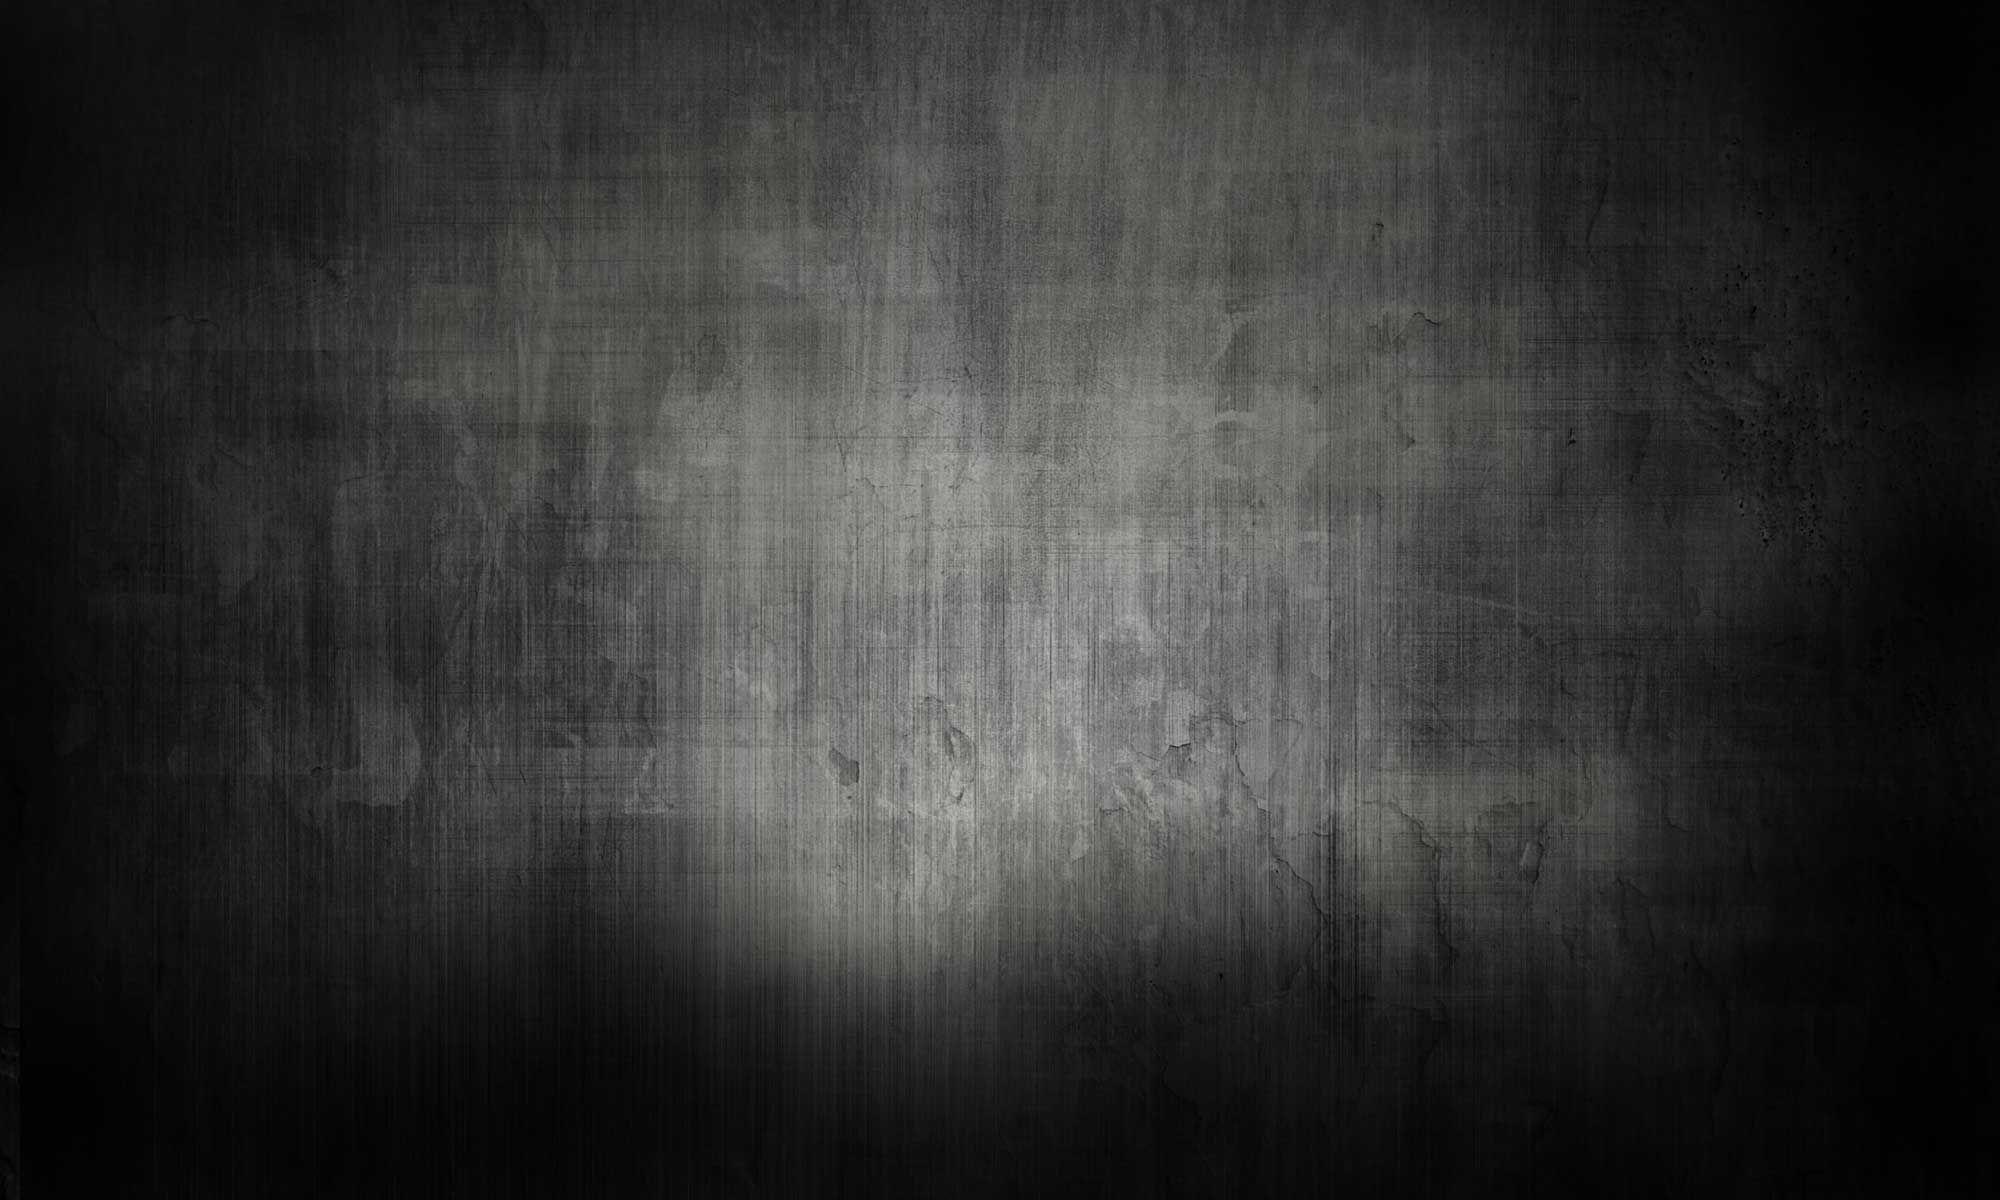 Hình ảnh màu xám đen